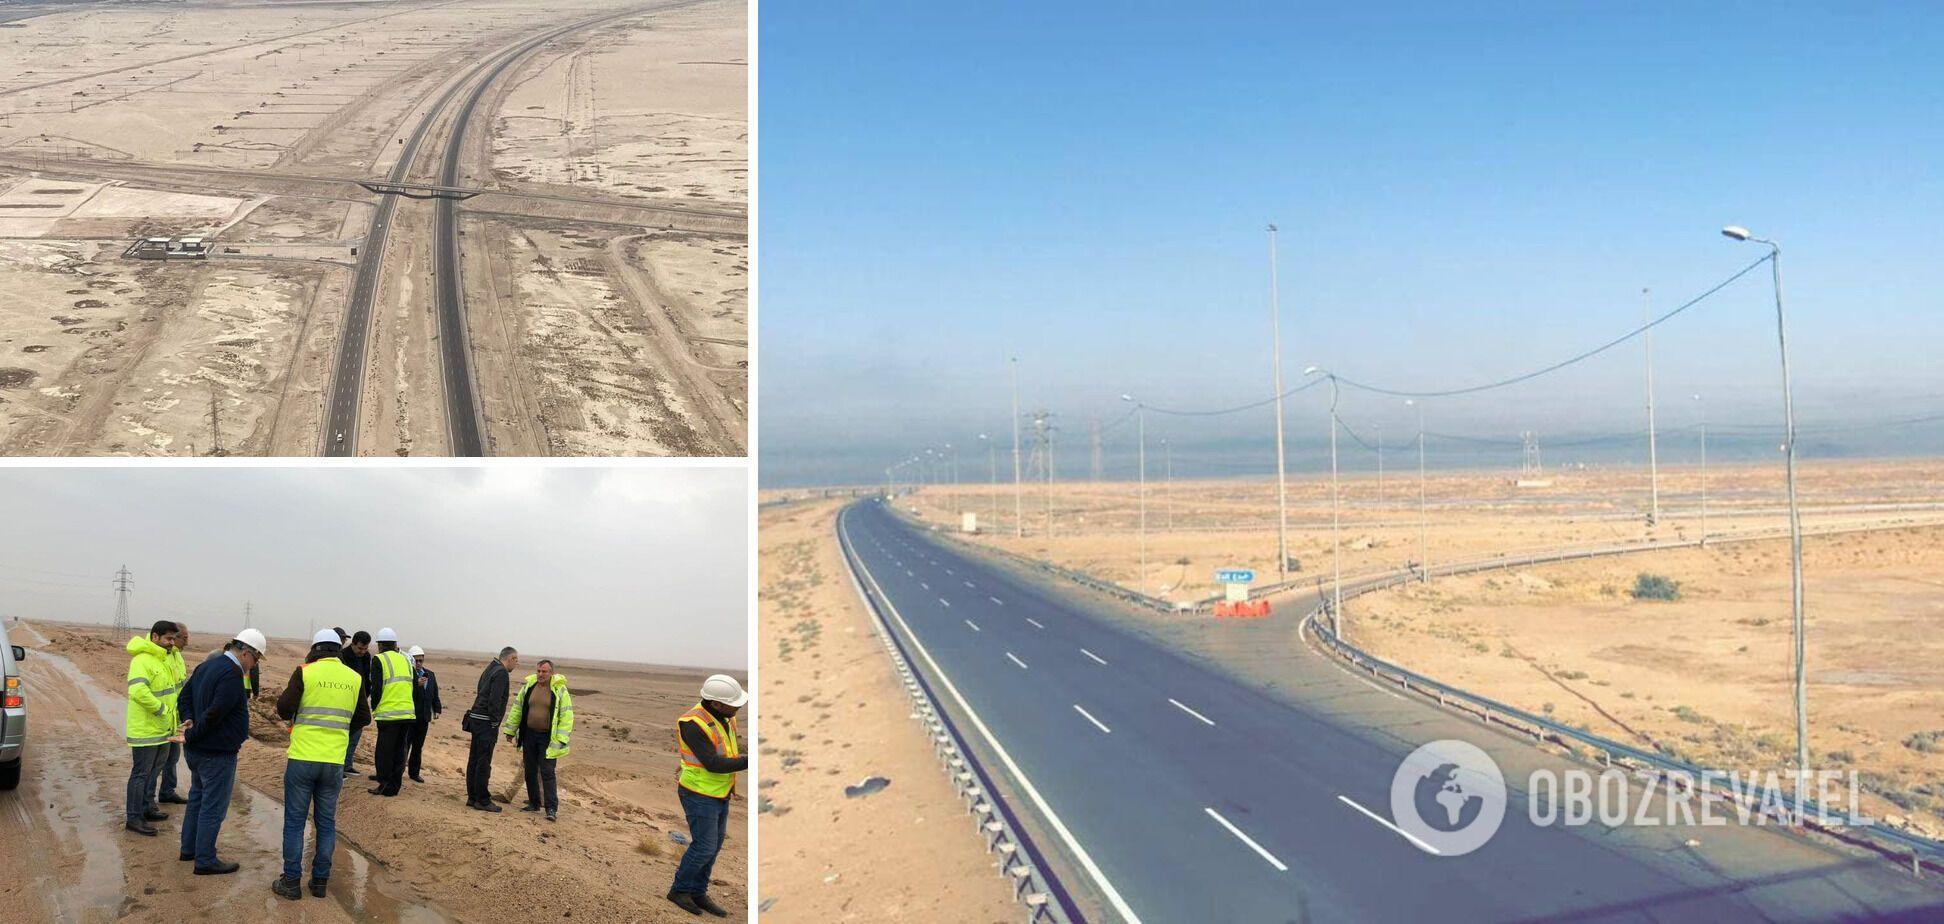 'Складний, але цікавий досвід': український 'Альтком' завершив будівництво шосе №1 в Іраку